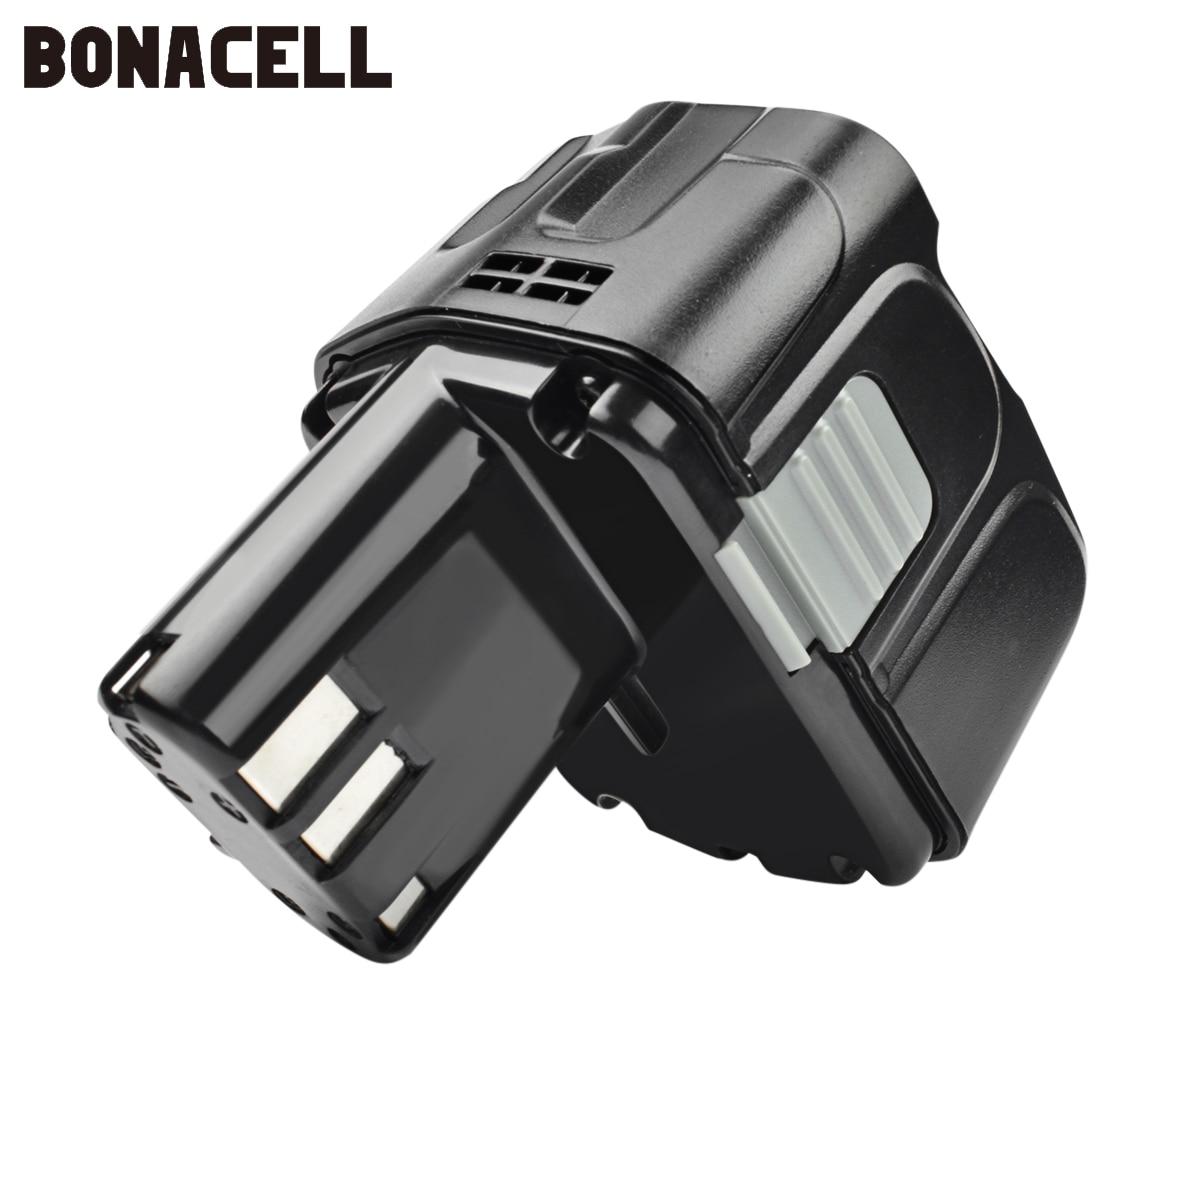 Bonacell 14.4 V 3000 mAh pour Hitachi BCL1430 batterie pour Hitachi CJ14DL DH14DL EBL1430 BCL1430 BCL1415 batterie Li-ion L10